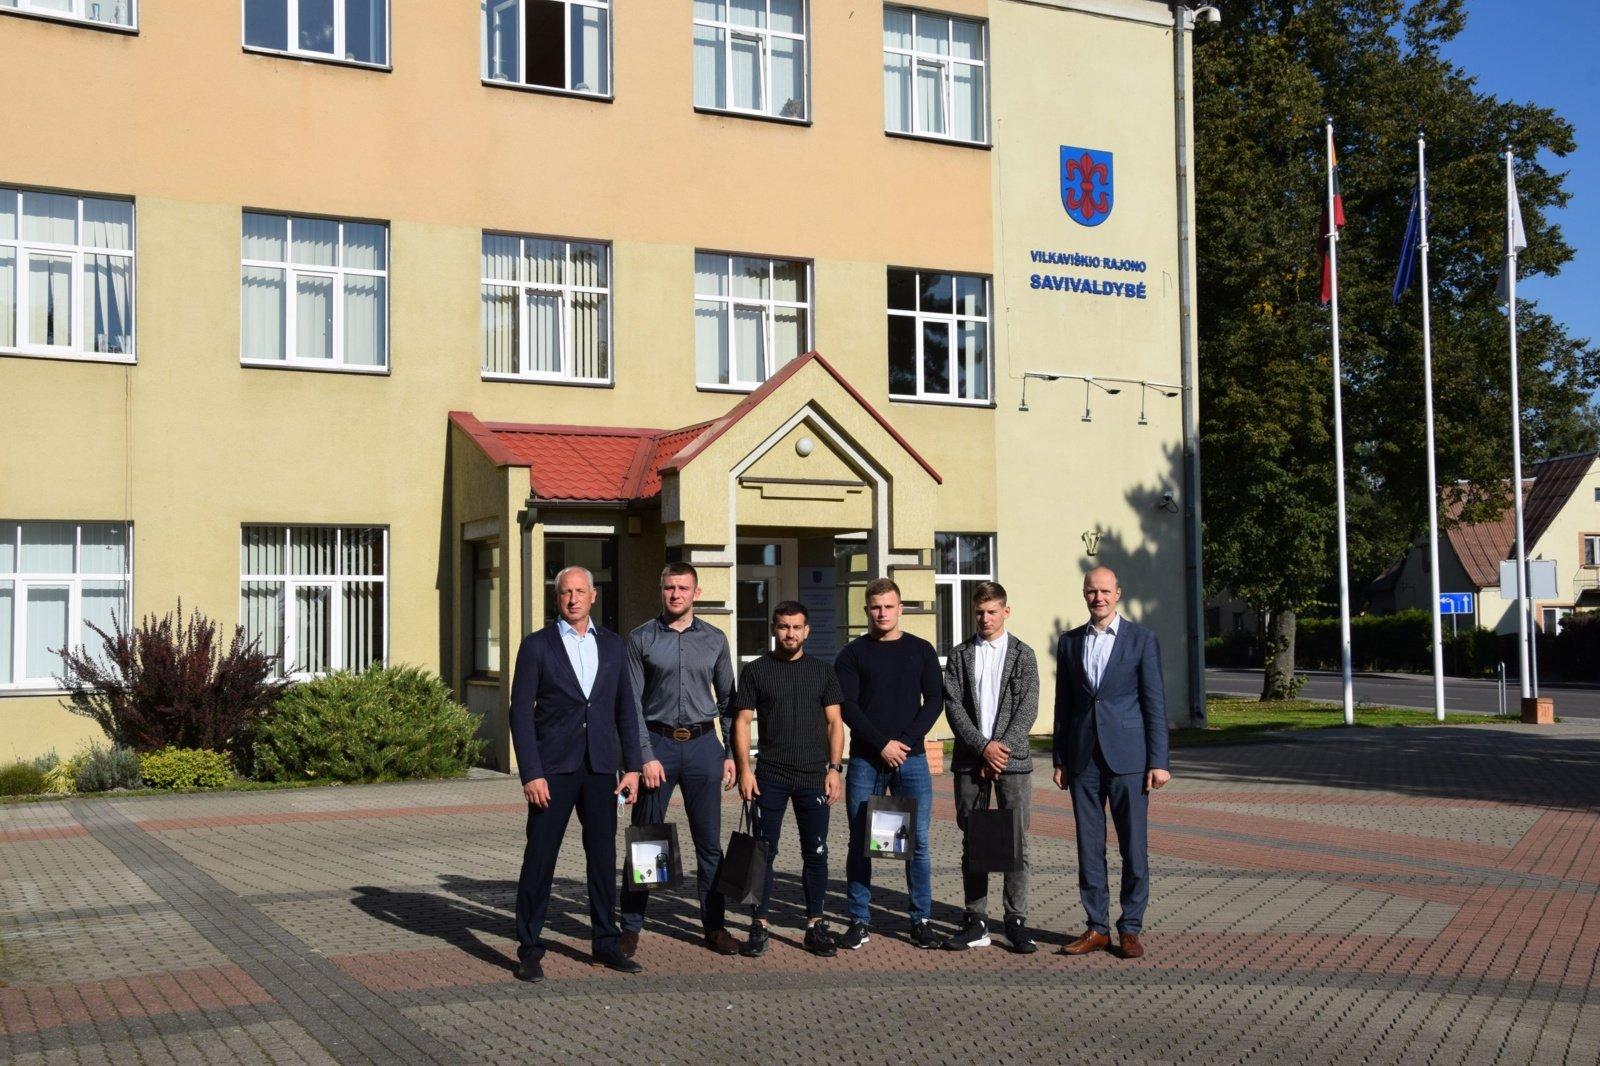 Vilkaviškio rajono savivaldybėje pagerbti imtynininkai